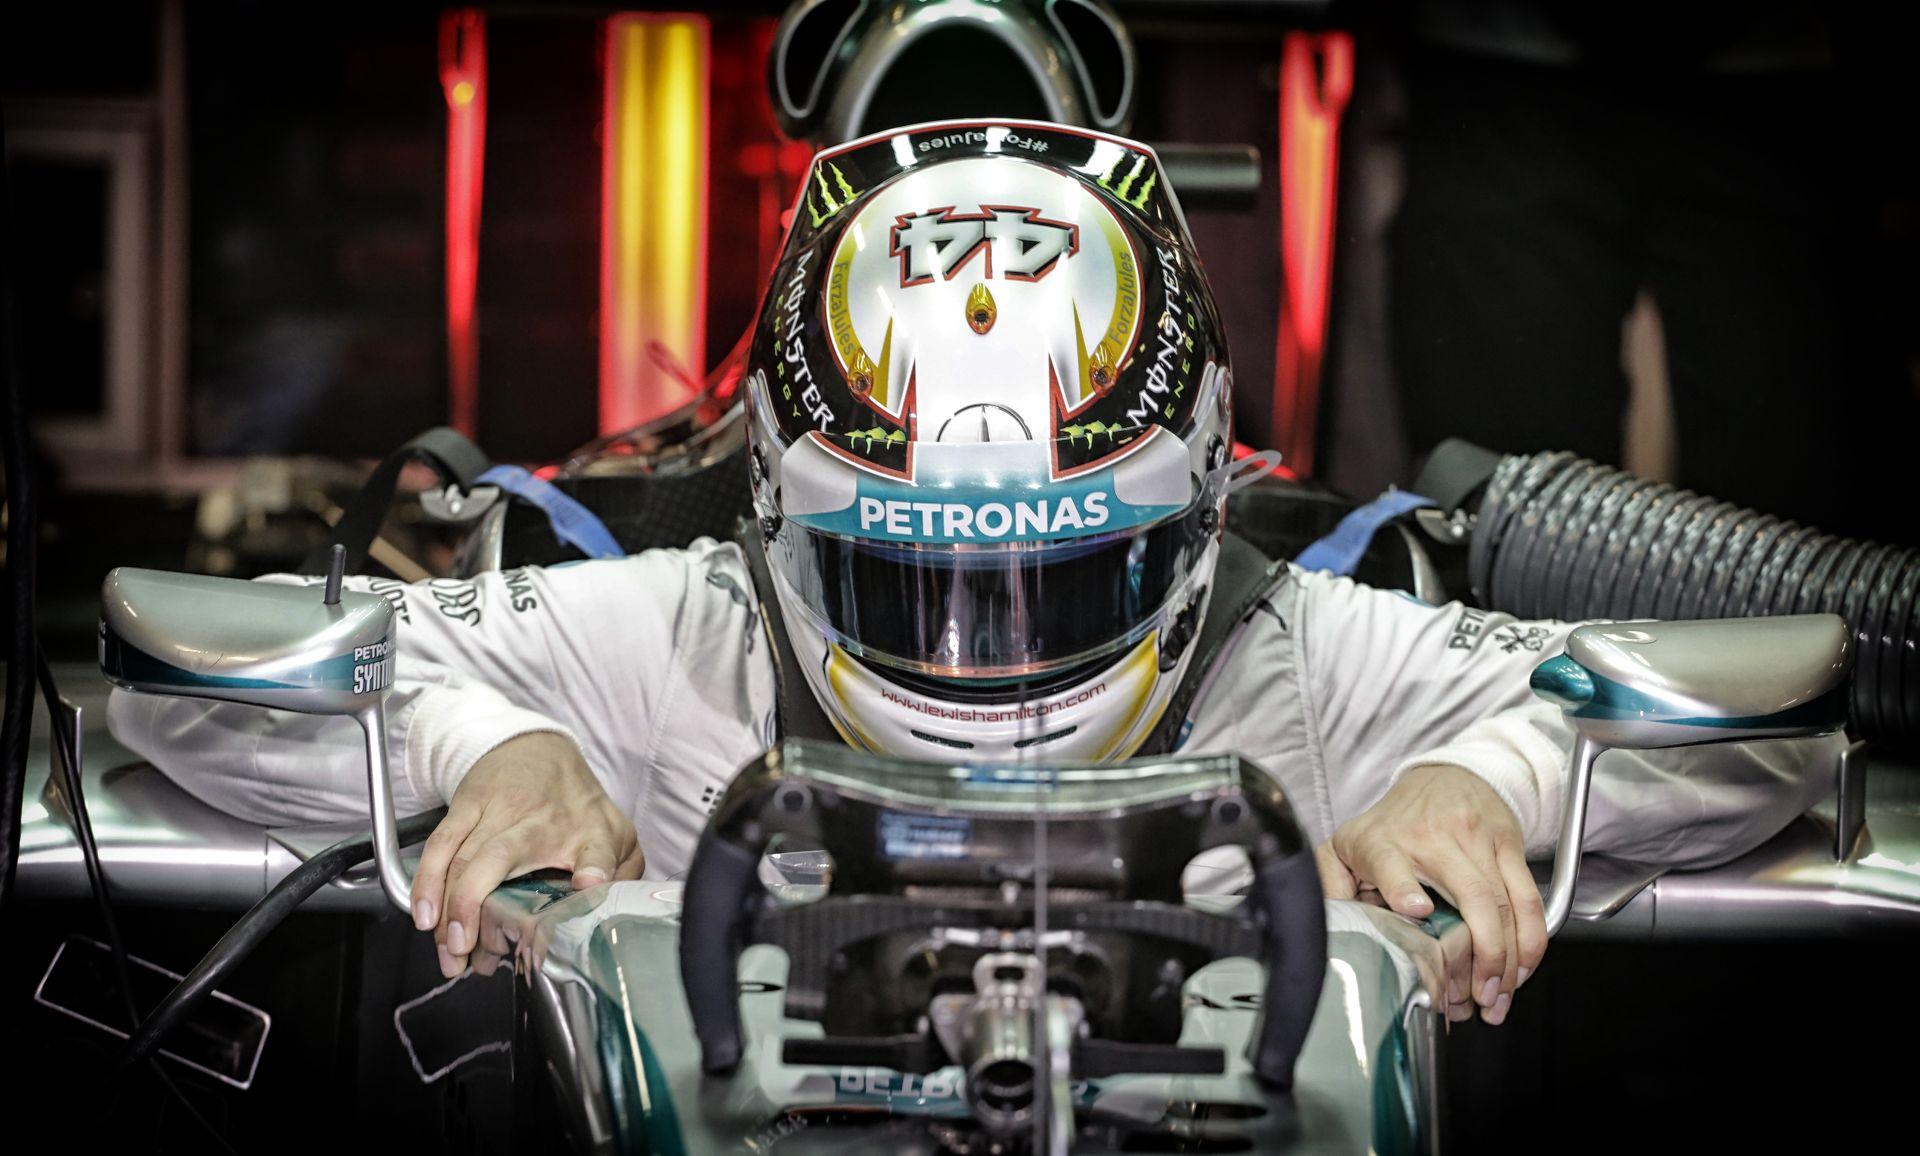 Hamilton kényelmesen fog aludni az éjjel, addig Rosberg imákat mond